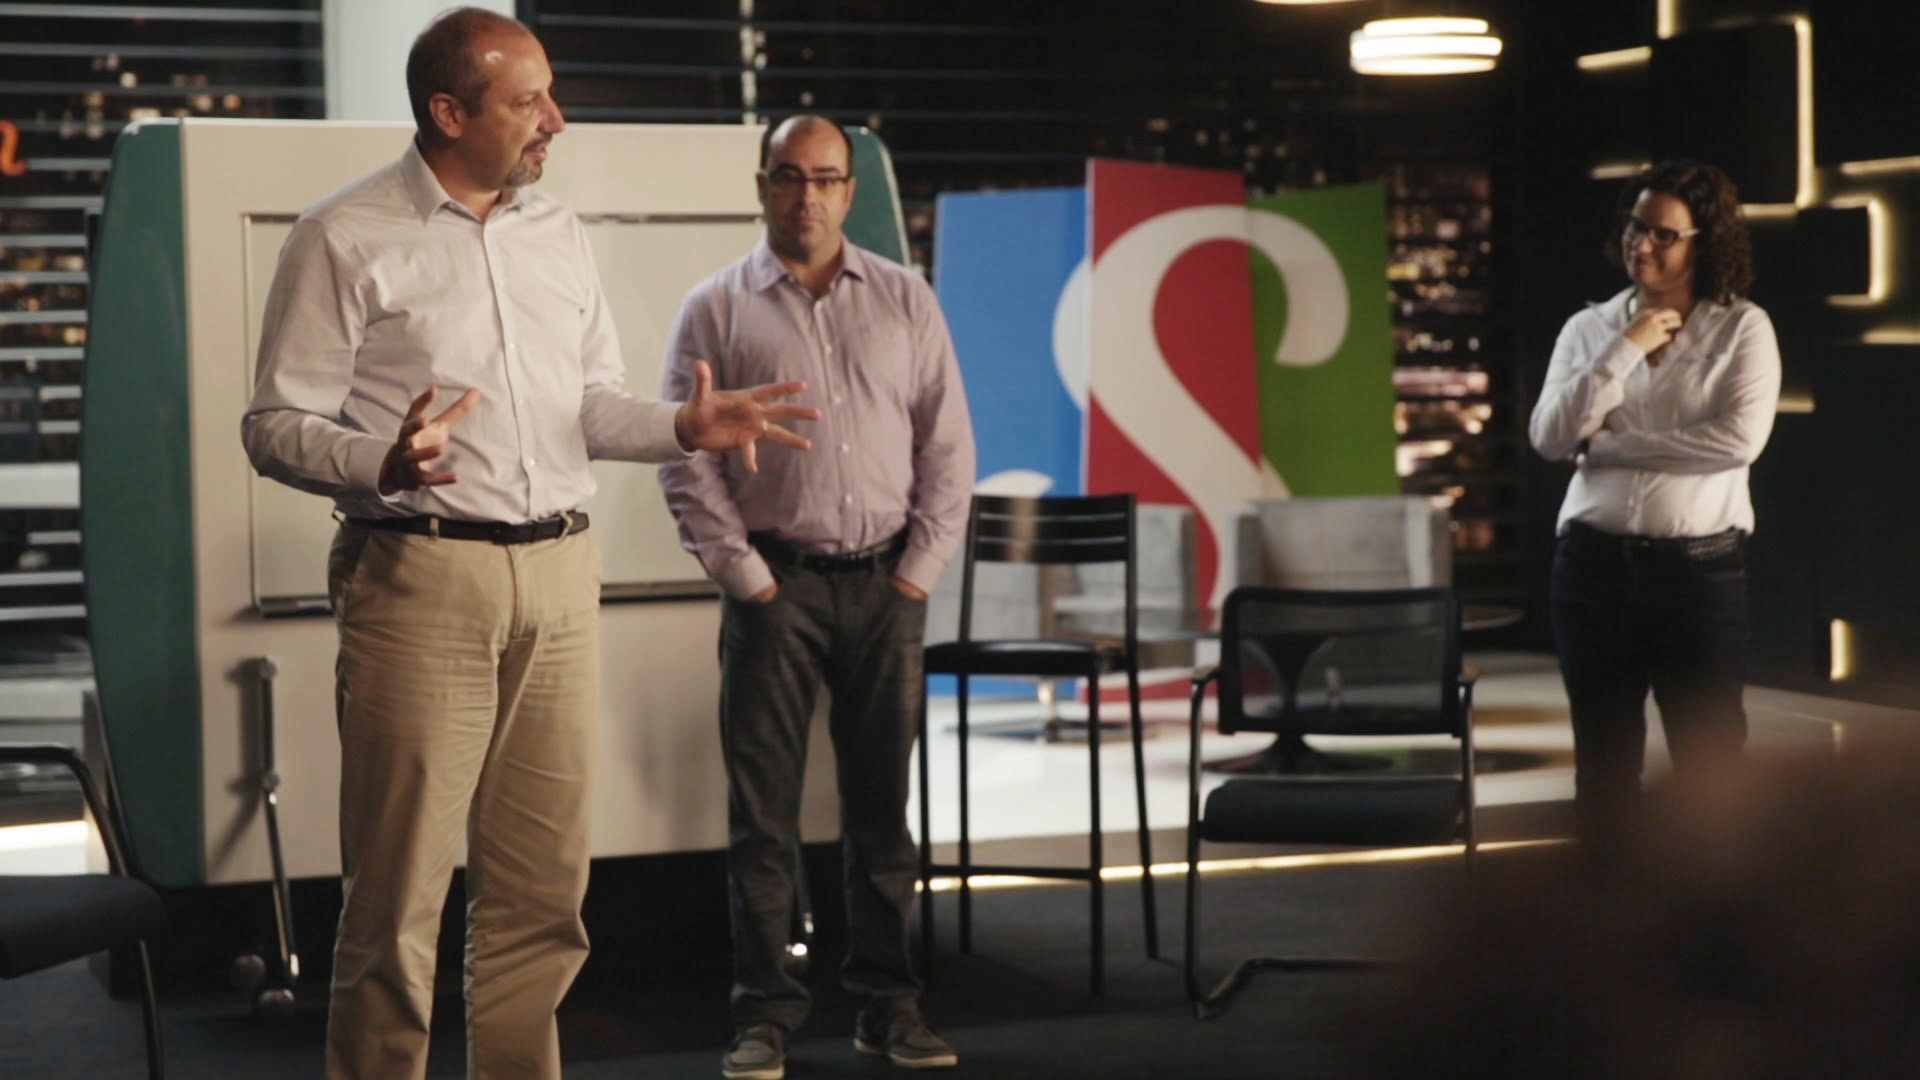 [VÍDEO] Mentoria com o expert Paulo Campos ensina alunos a fazerem perguntas eficazes